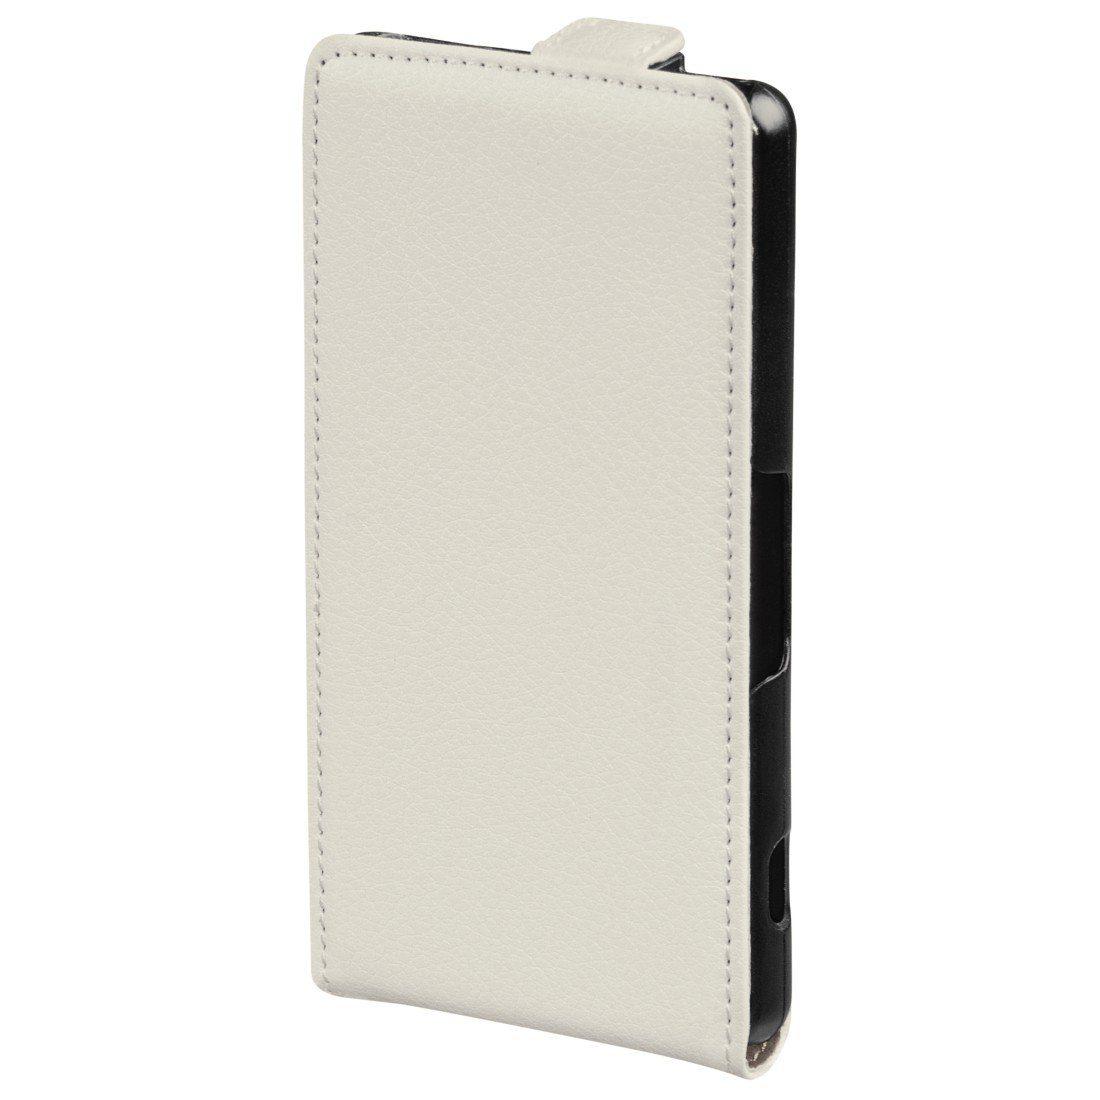 Hama Flap-Tasche Smart Case für Sony Xperia Z3 Compact, Weiß